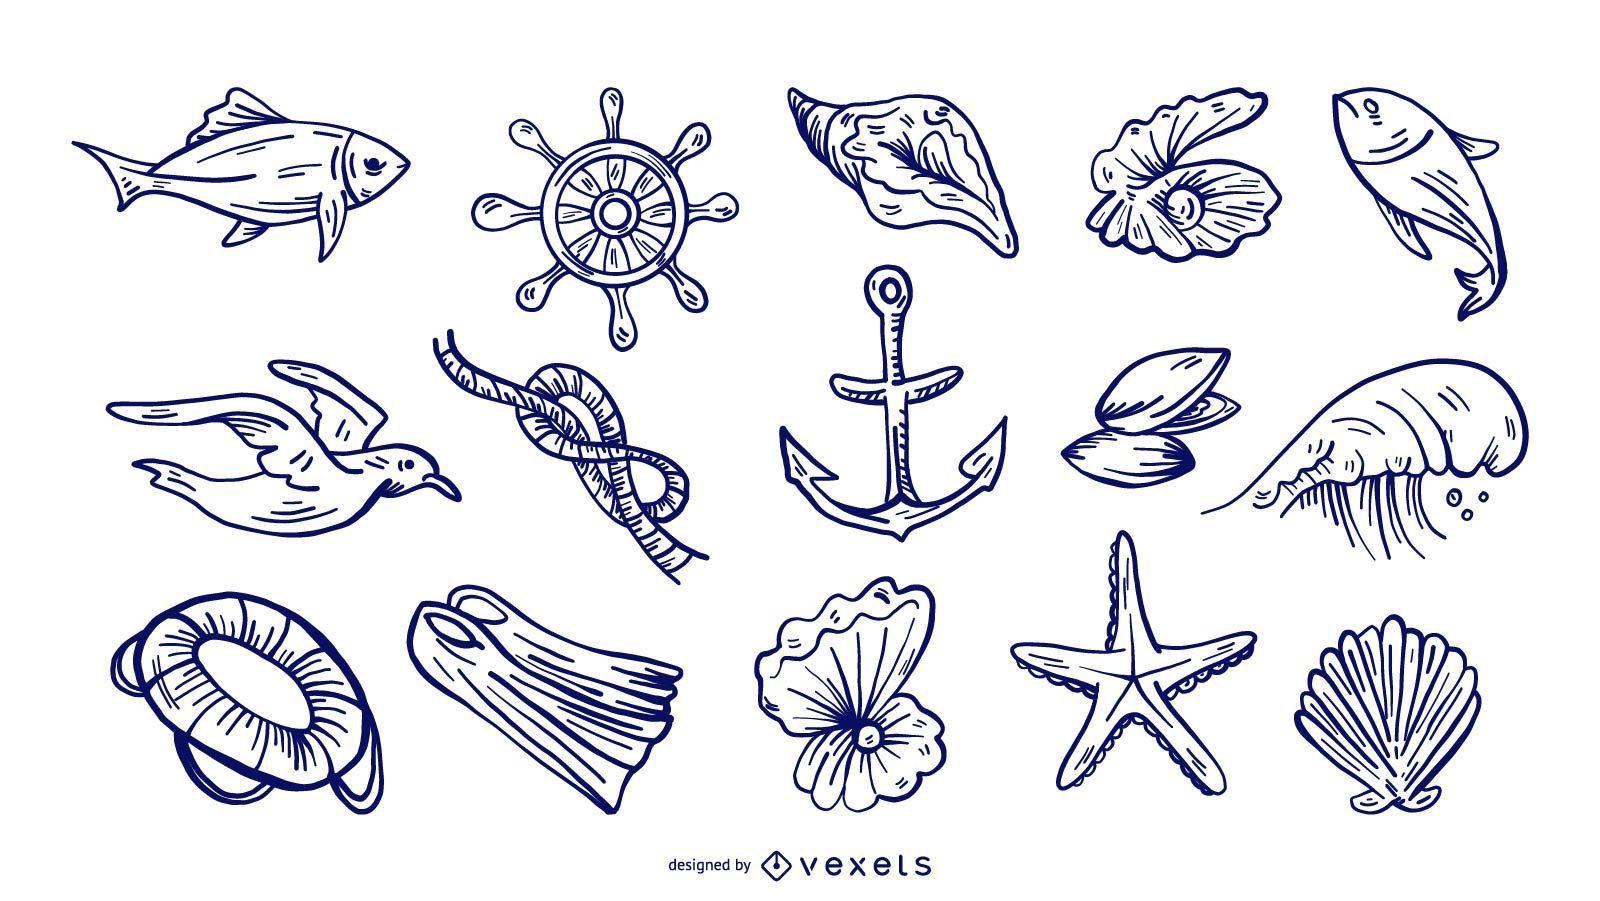 Conjunto de elementos náuticos dibujados a mano